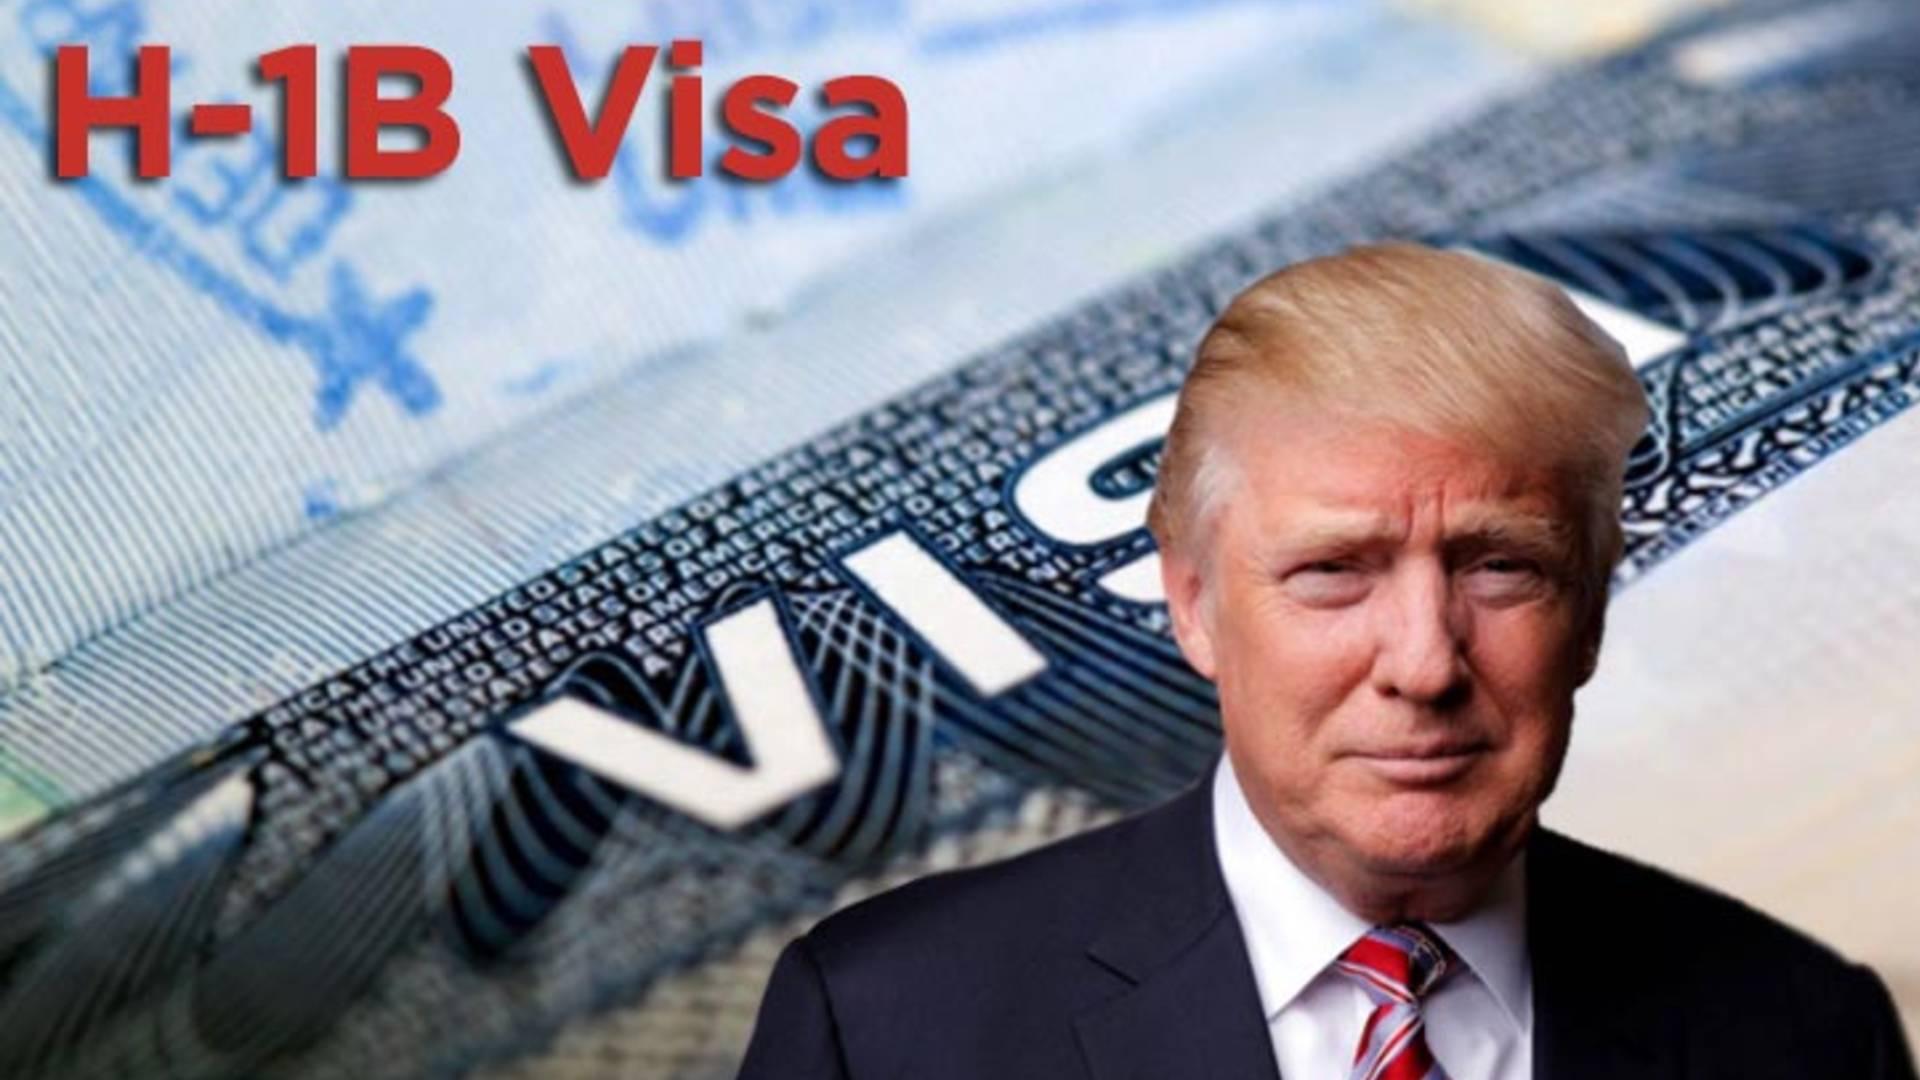 Trump Administration Temporary Ban Visas